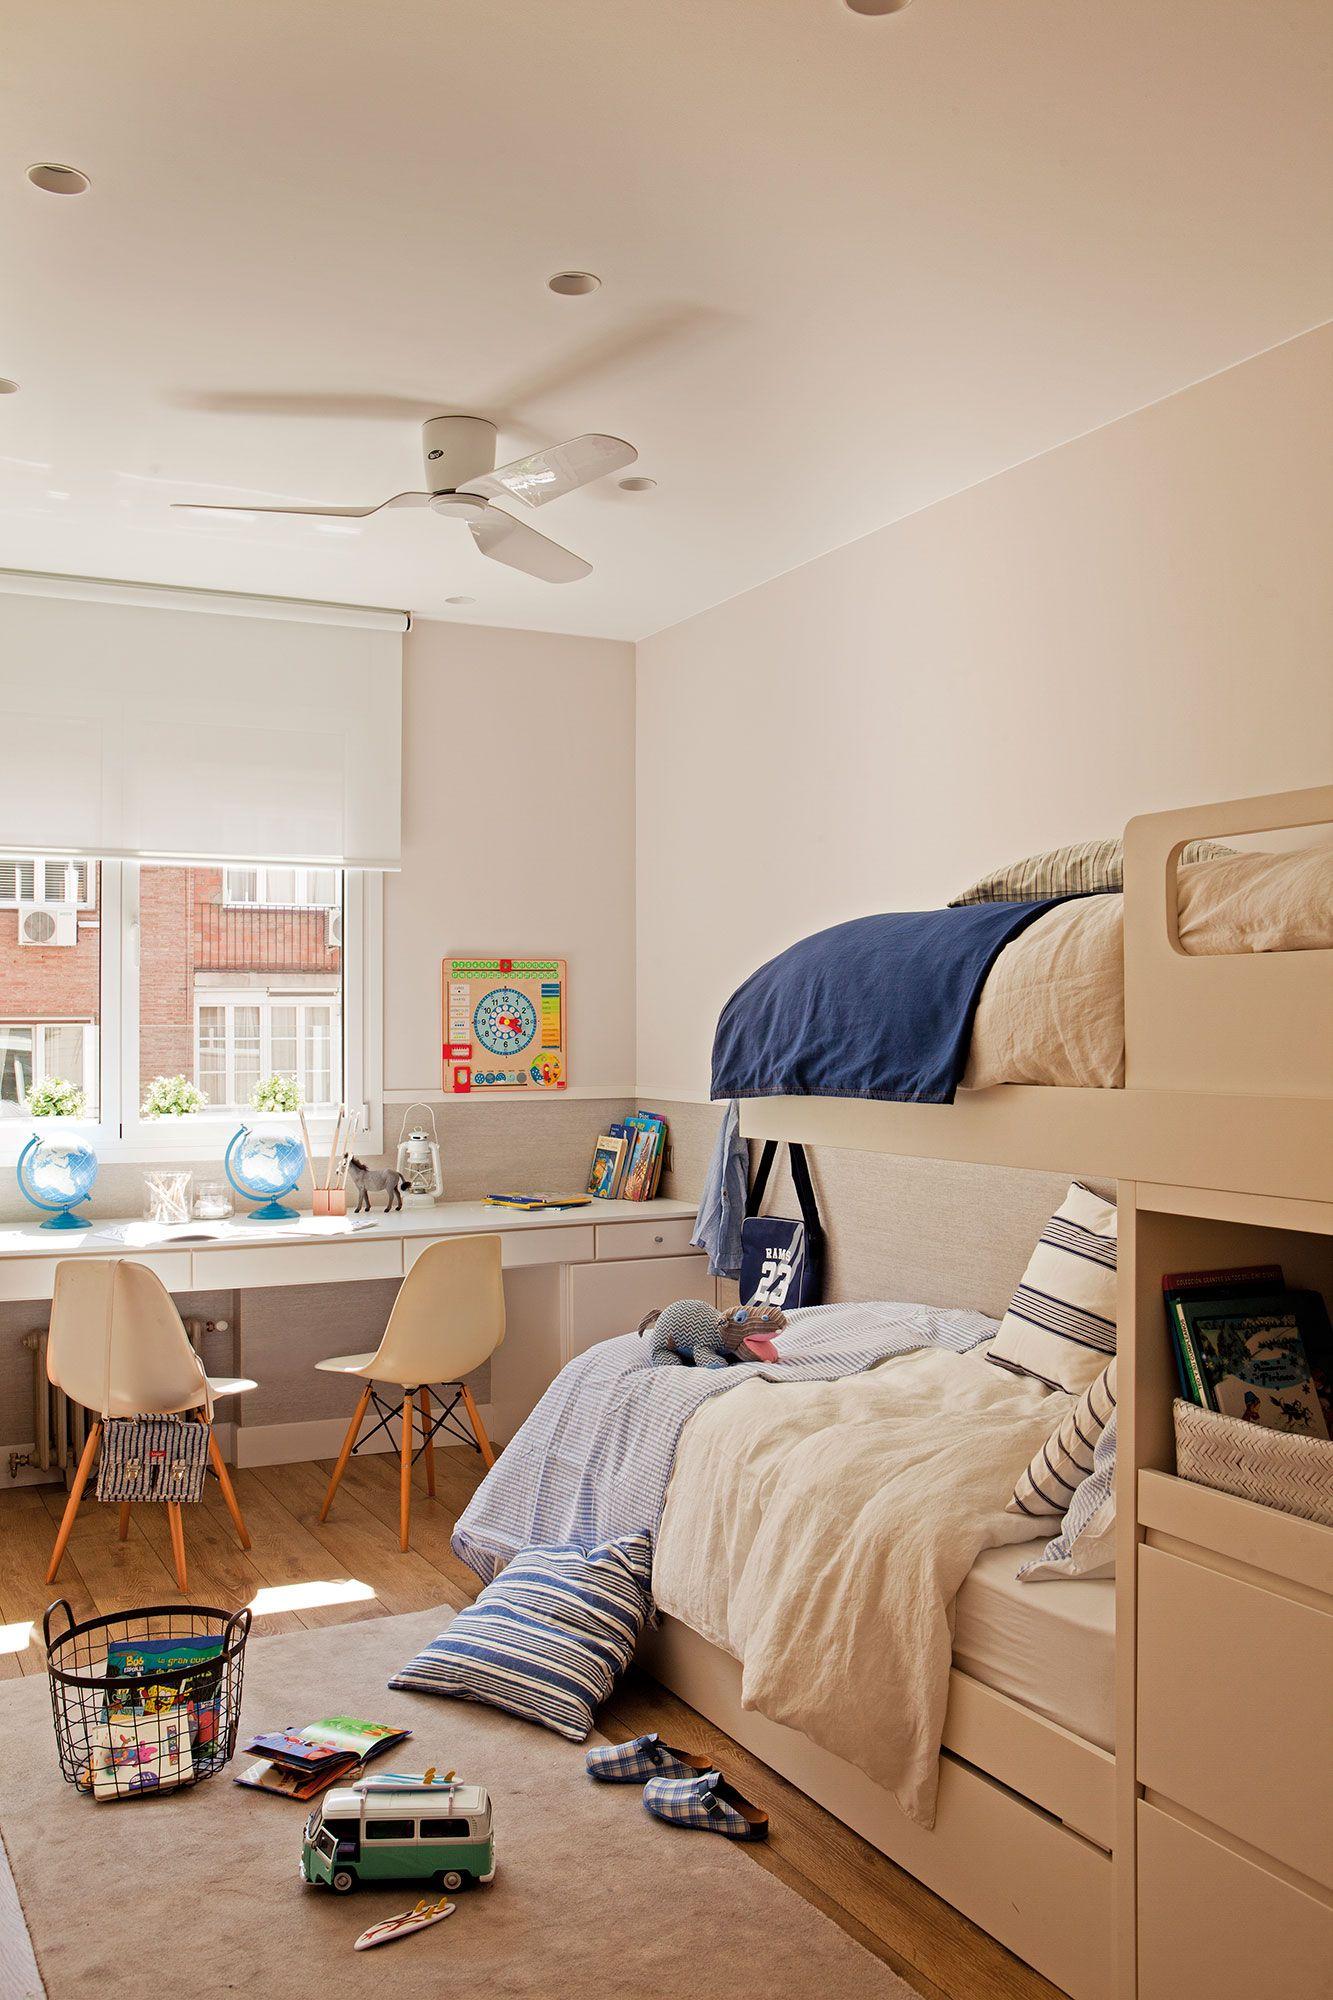 Todo en una litera dormitorios infantiles kids room for Dormitorios infantiles nino